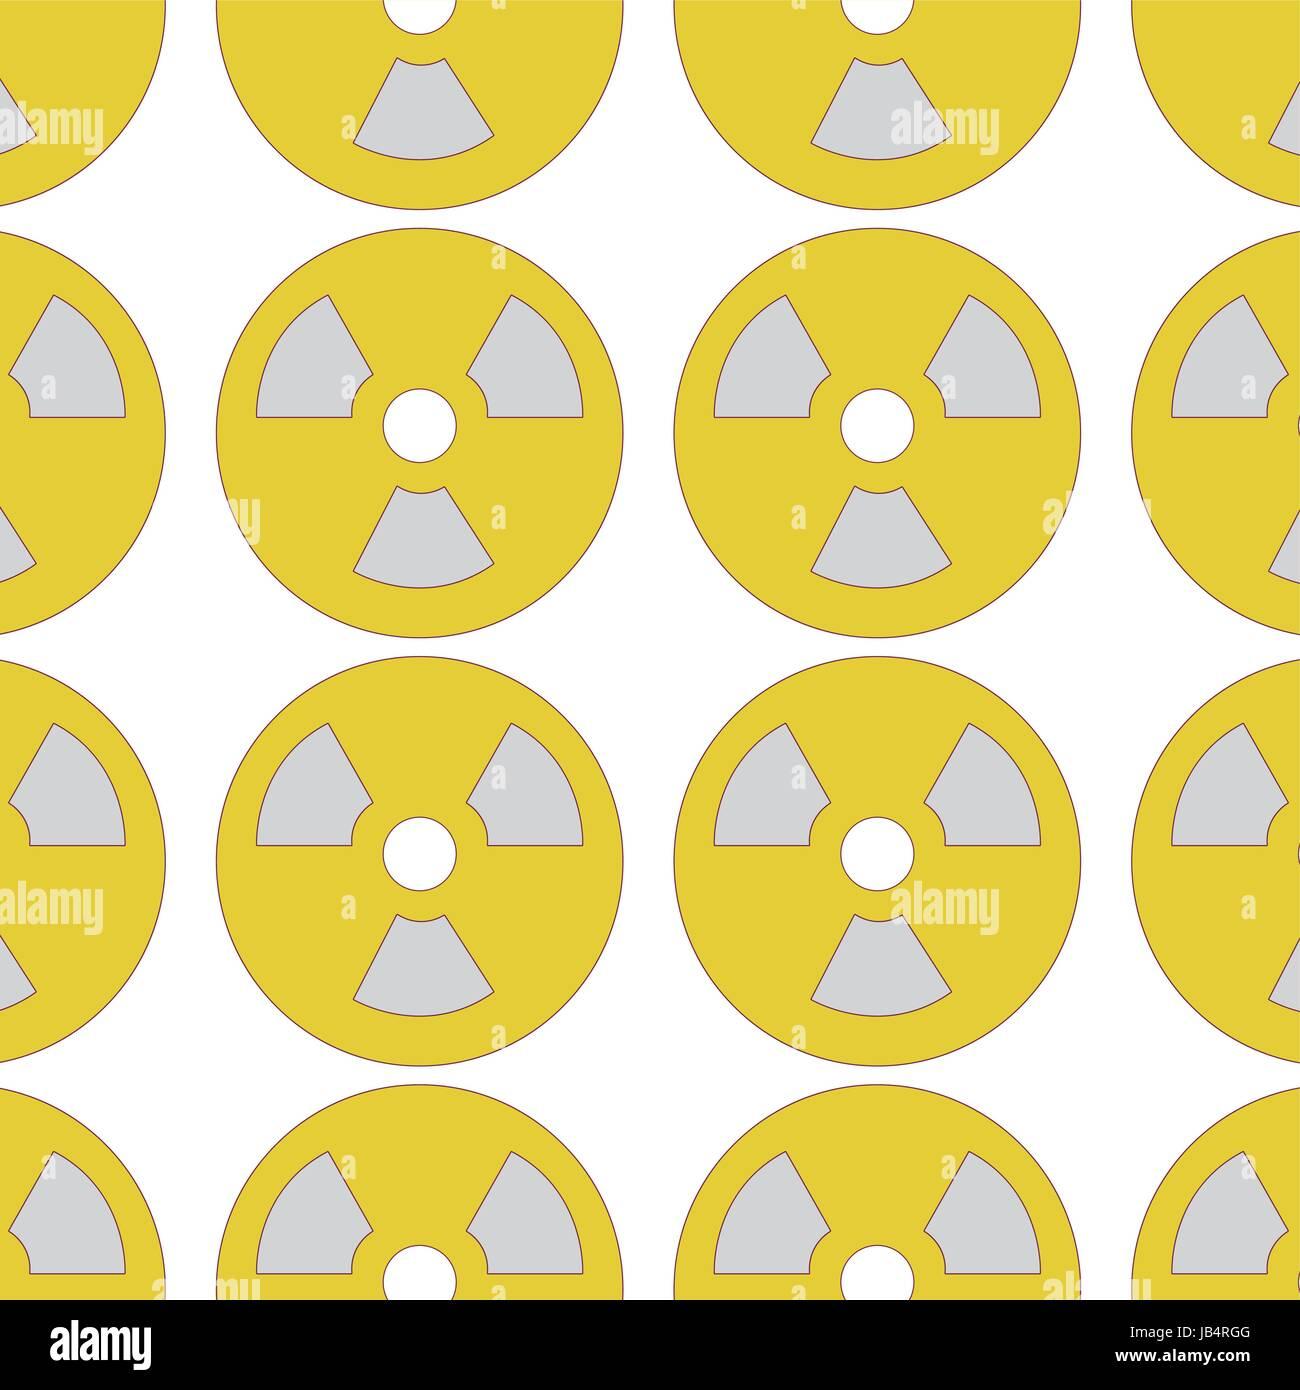 radiation symbol to dangerous and ecology contamination background - Stock Image